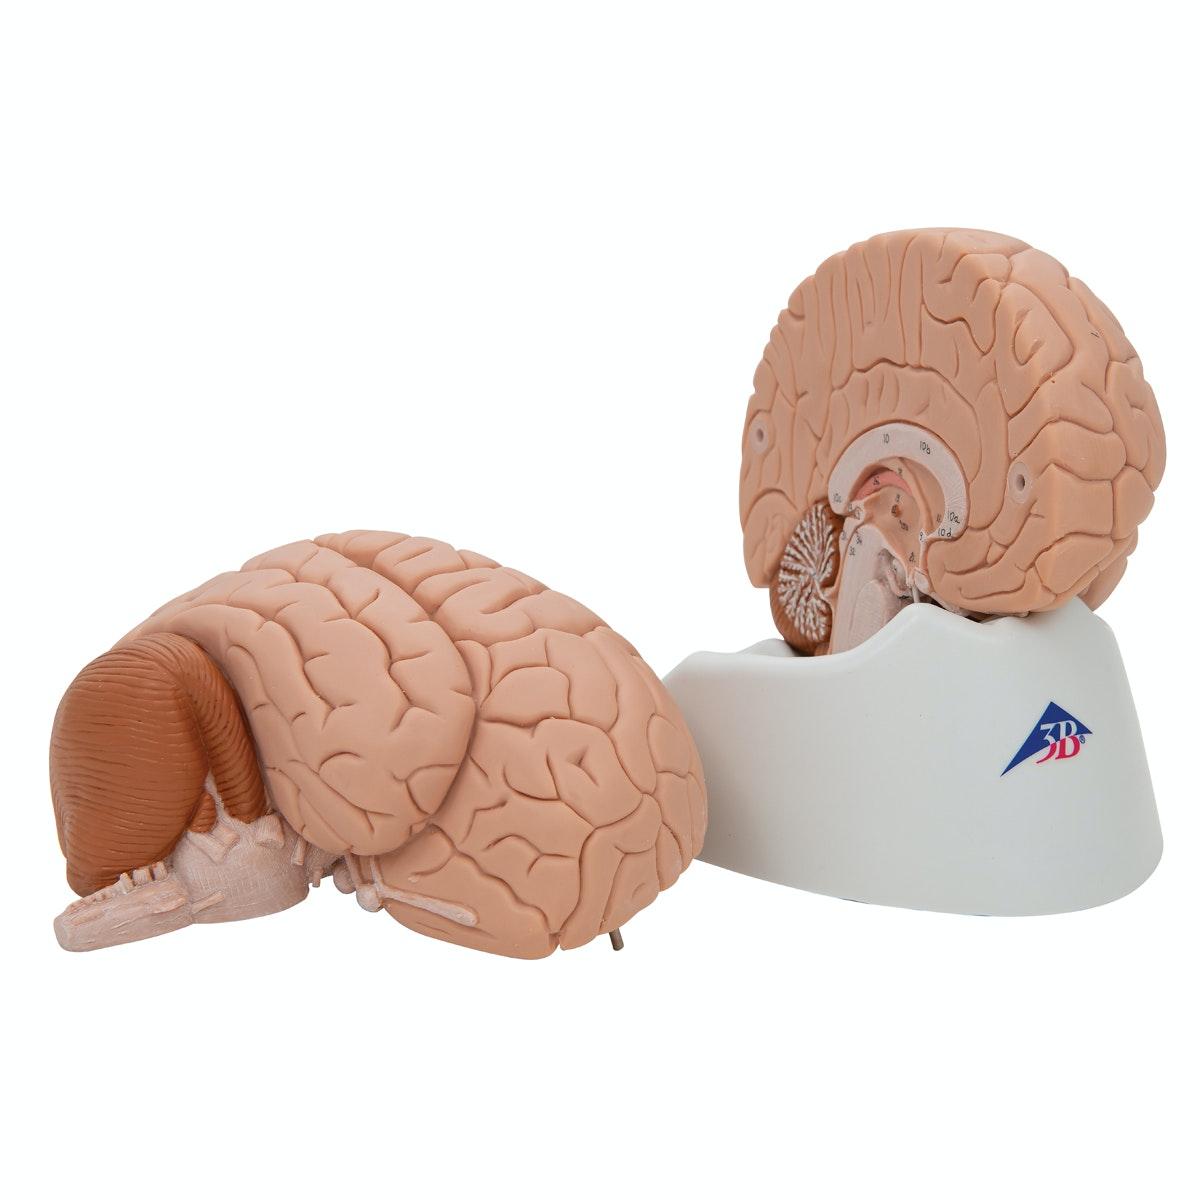 2-delt hjernemodel